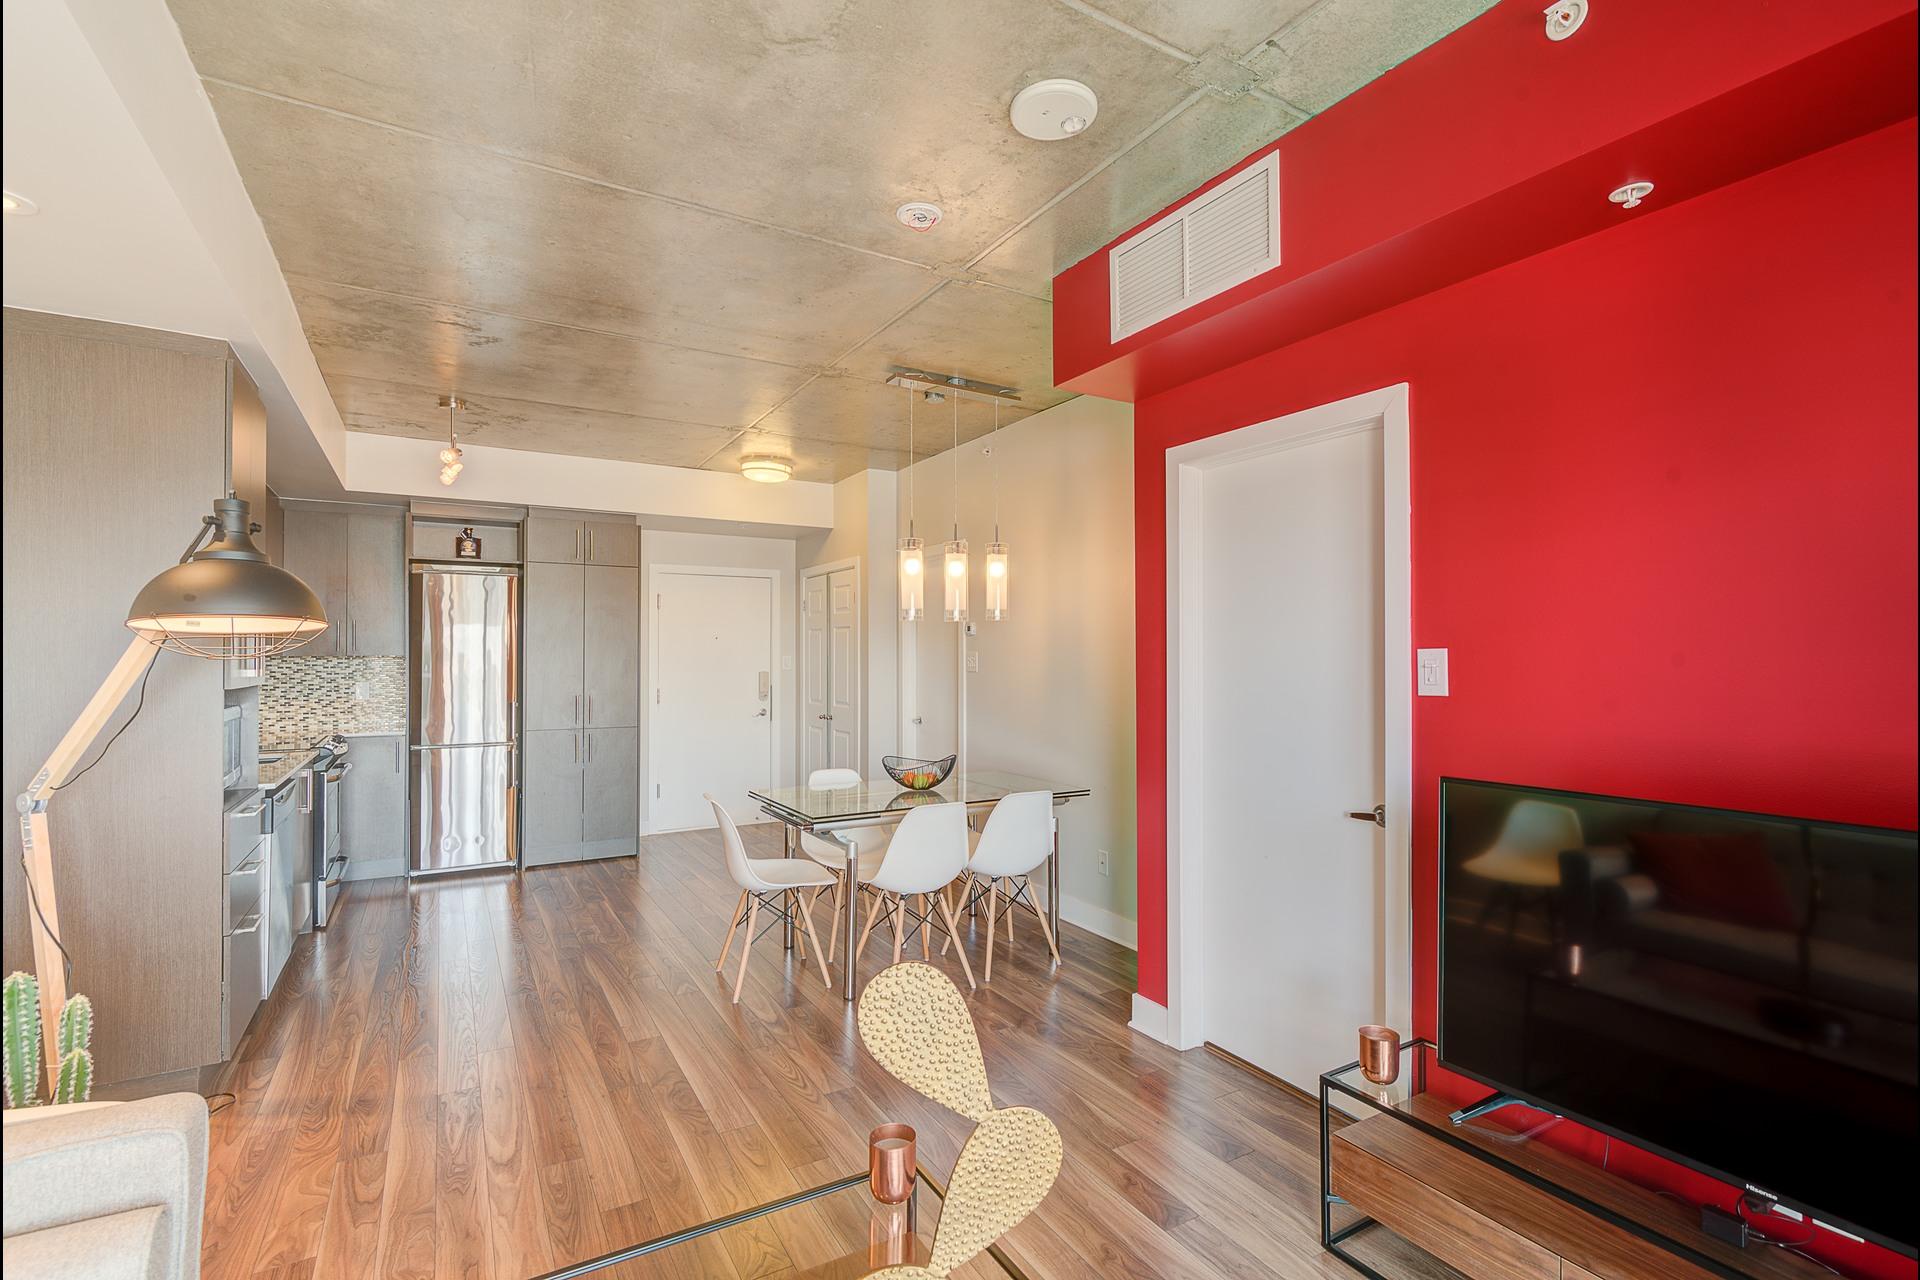 image 8 - Condo For rent Montréal - 3 rooms